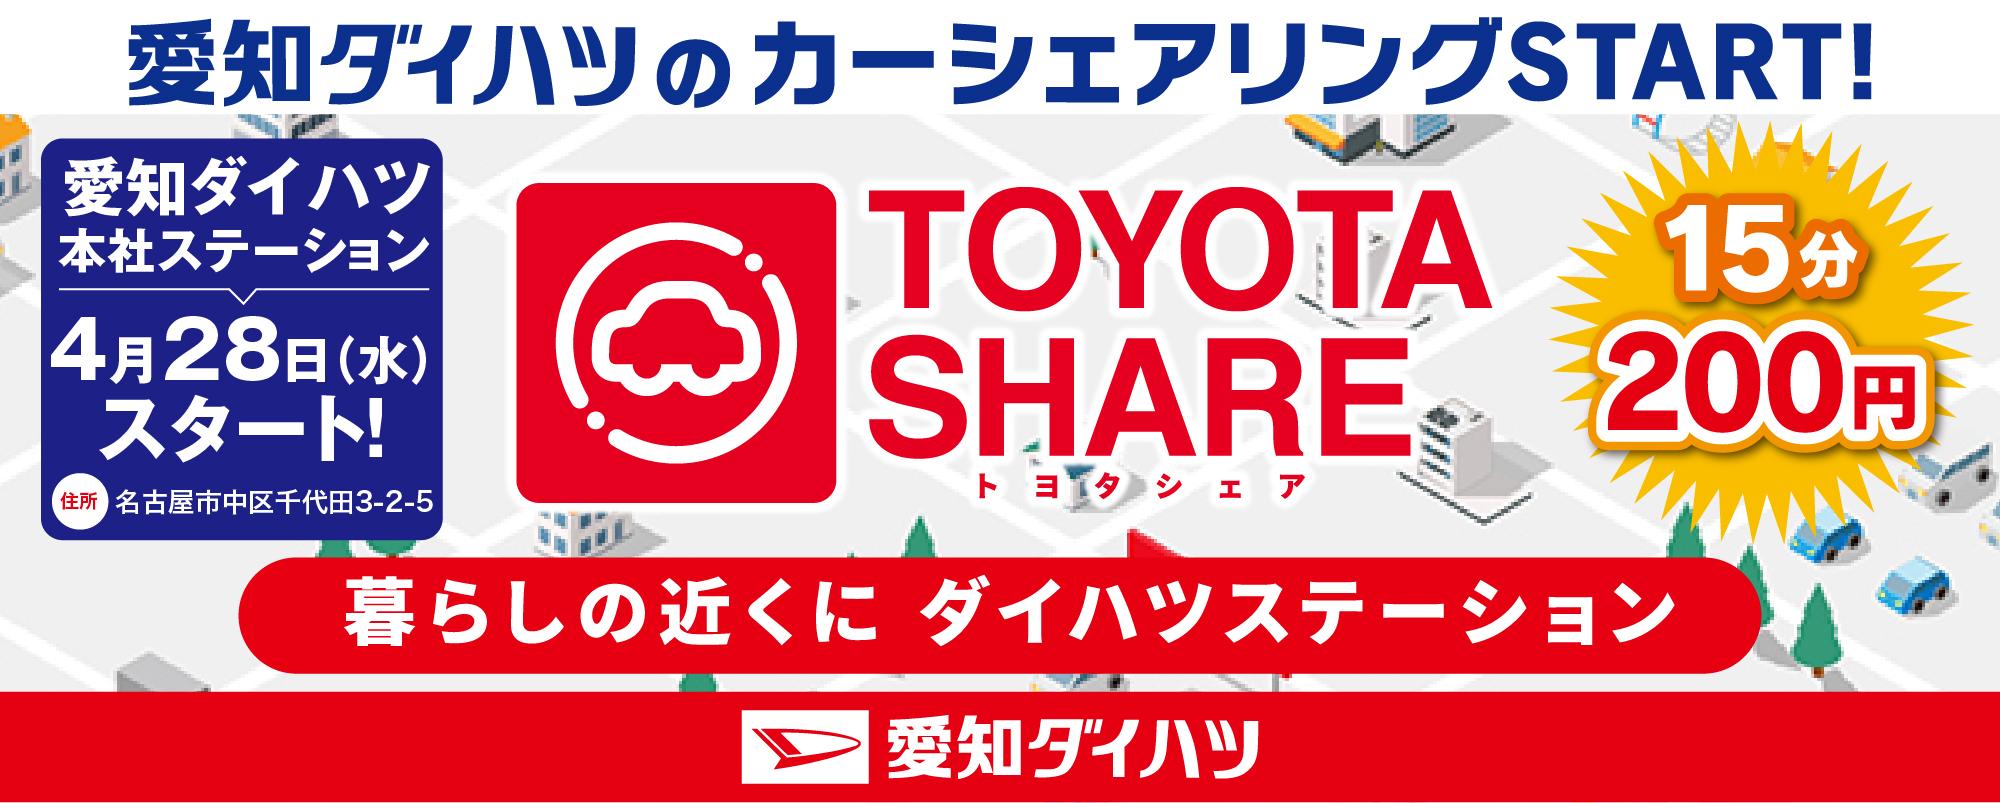 愛知ダイハツのカーシェアリングSTART!